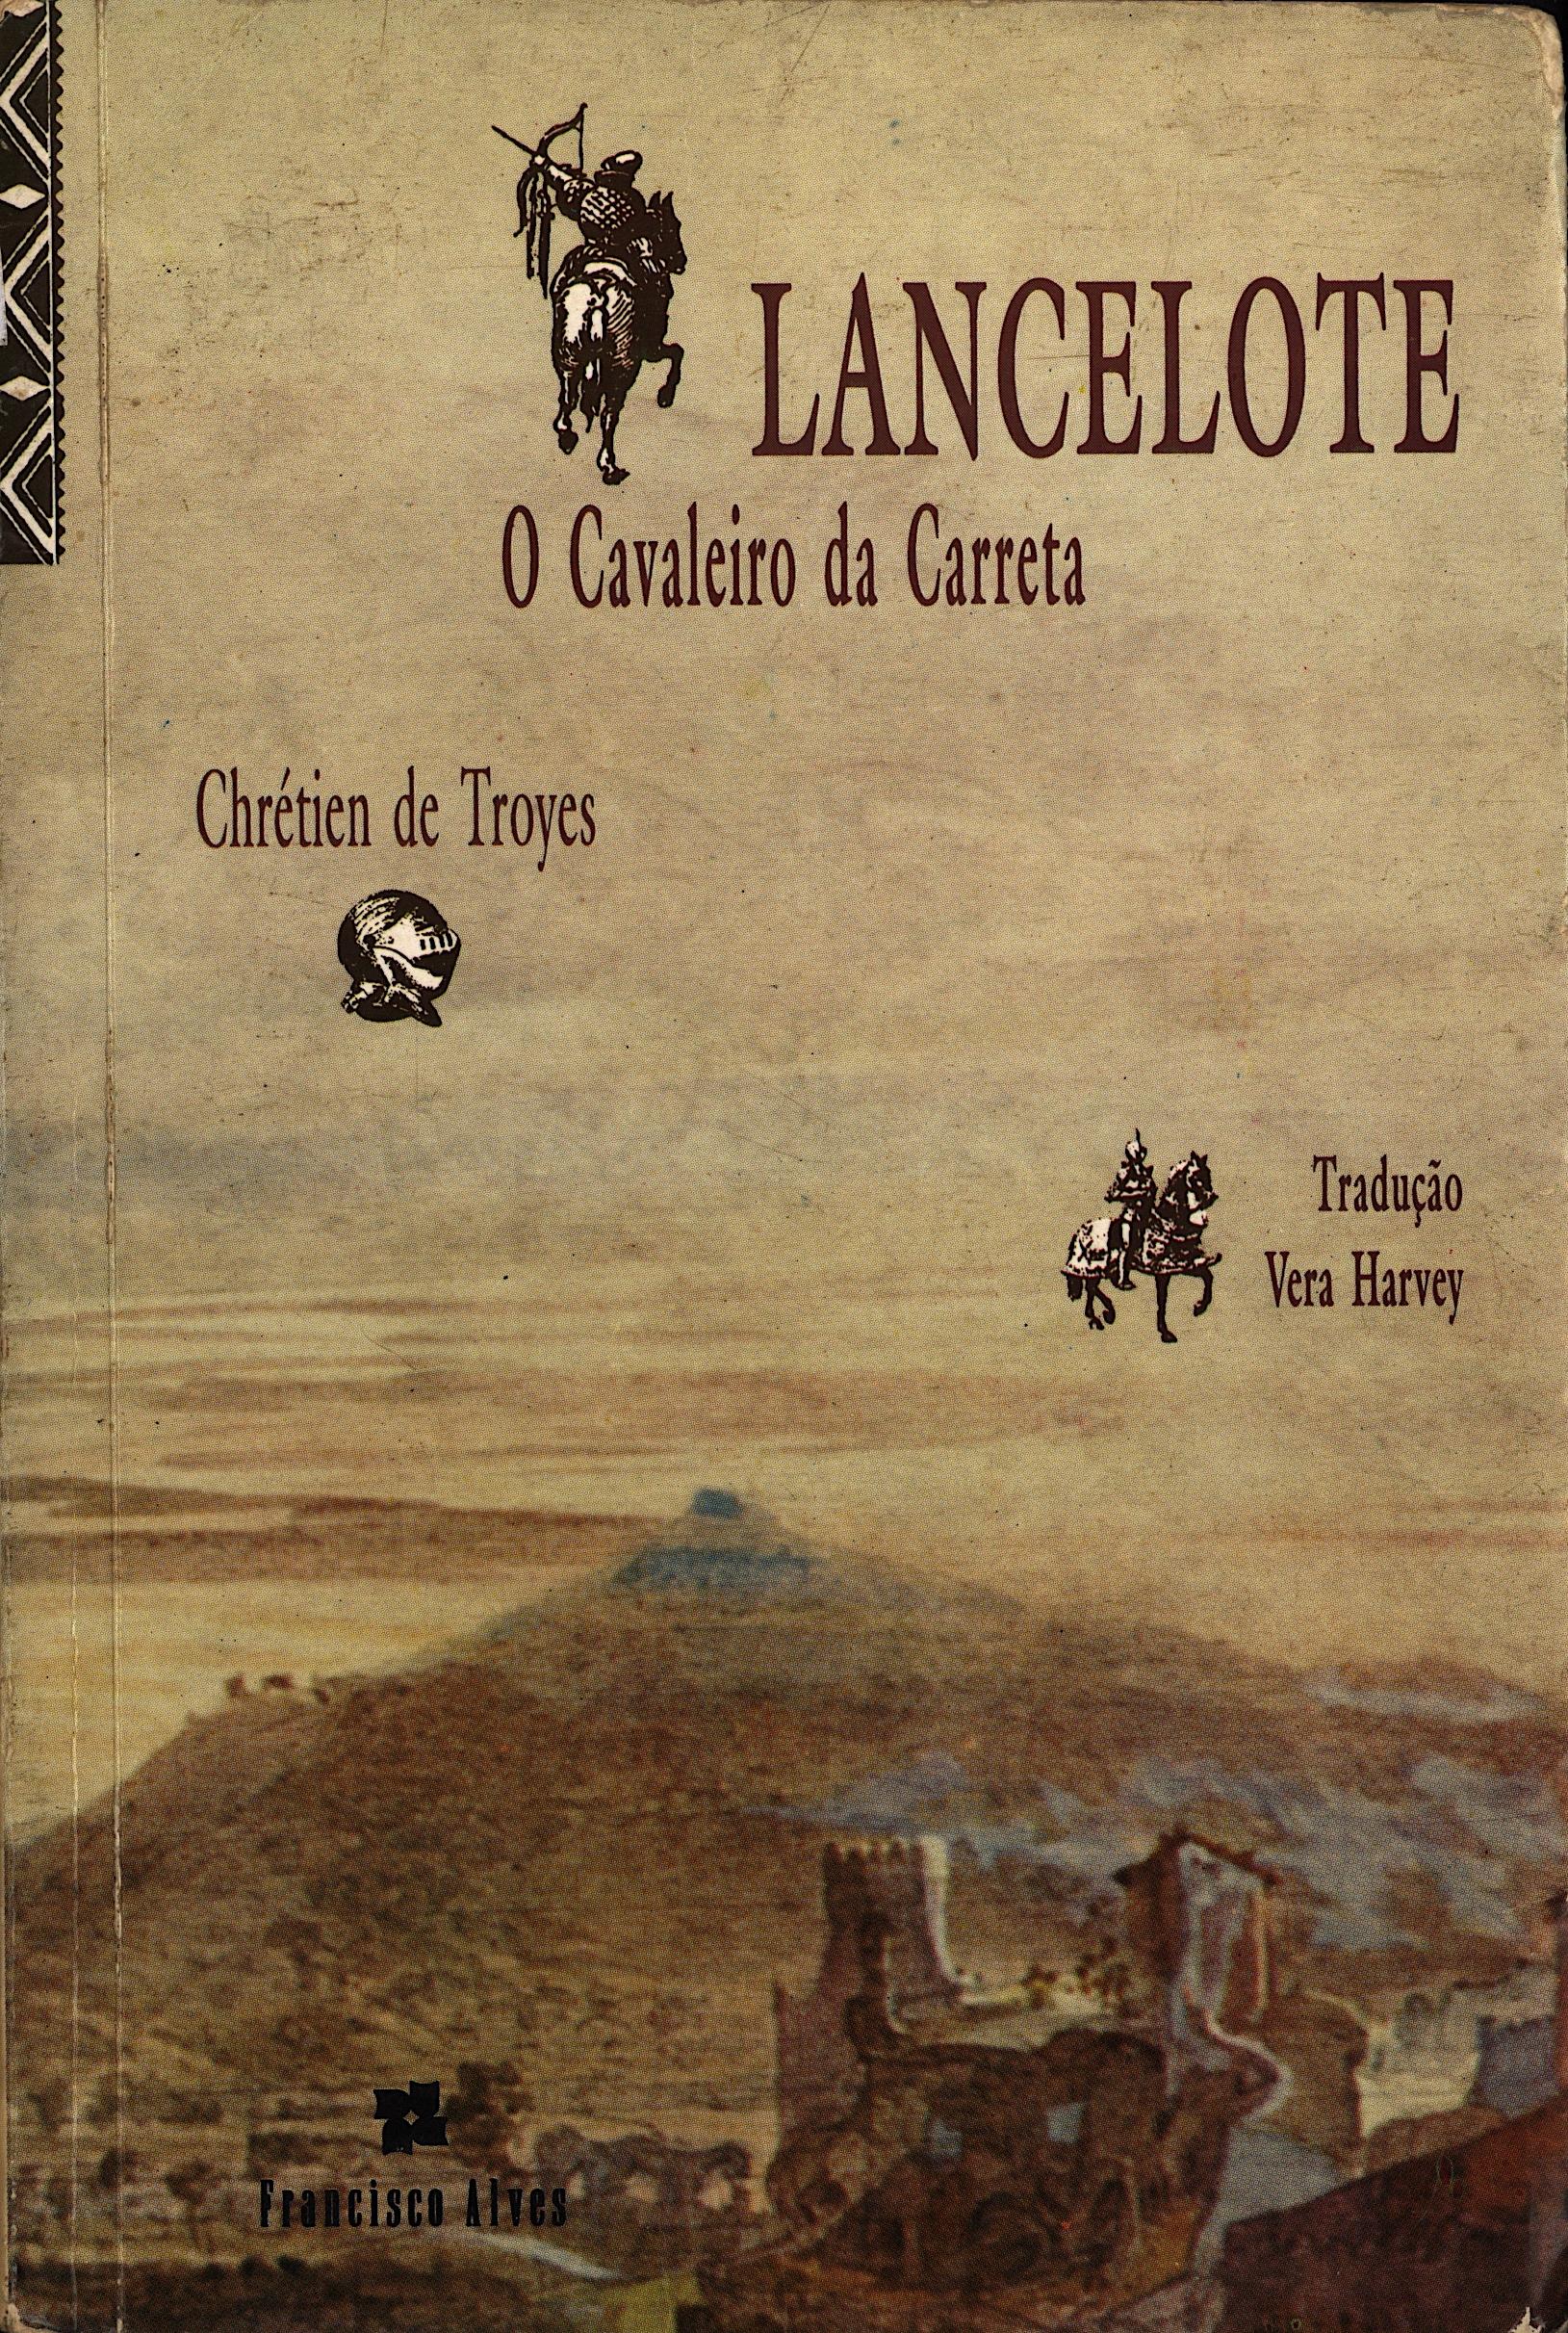 Lancelote, o cavaleiro da carreta